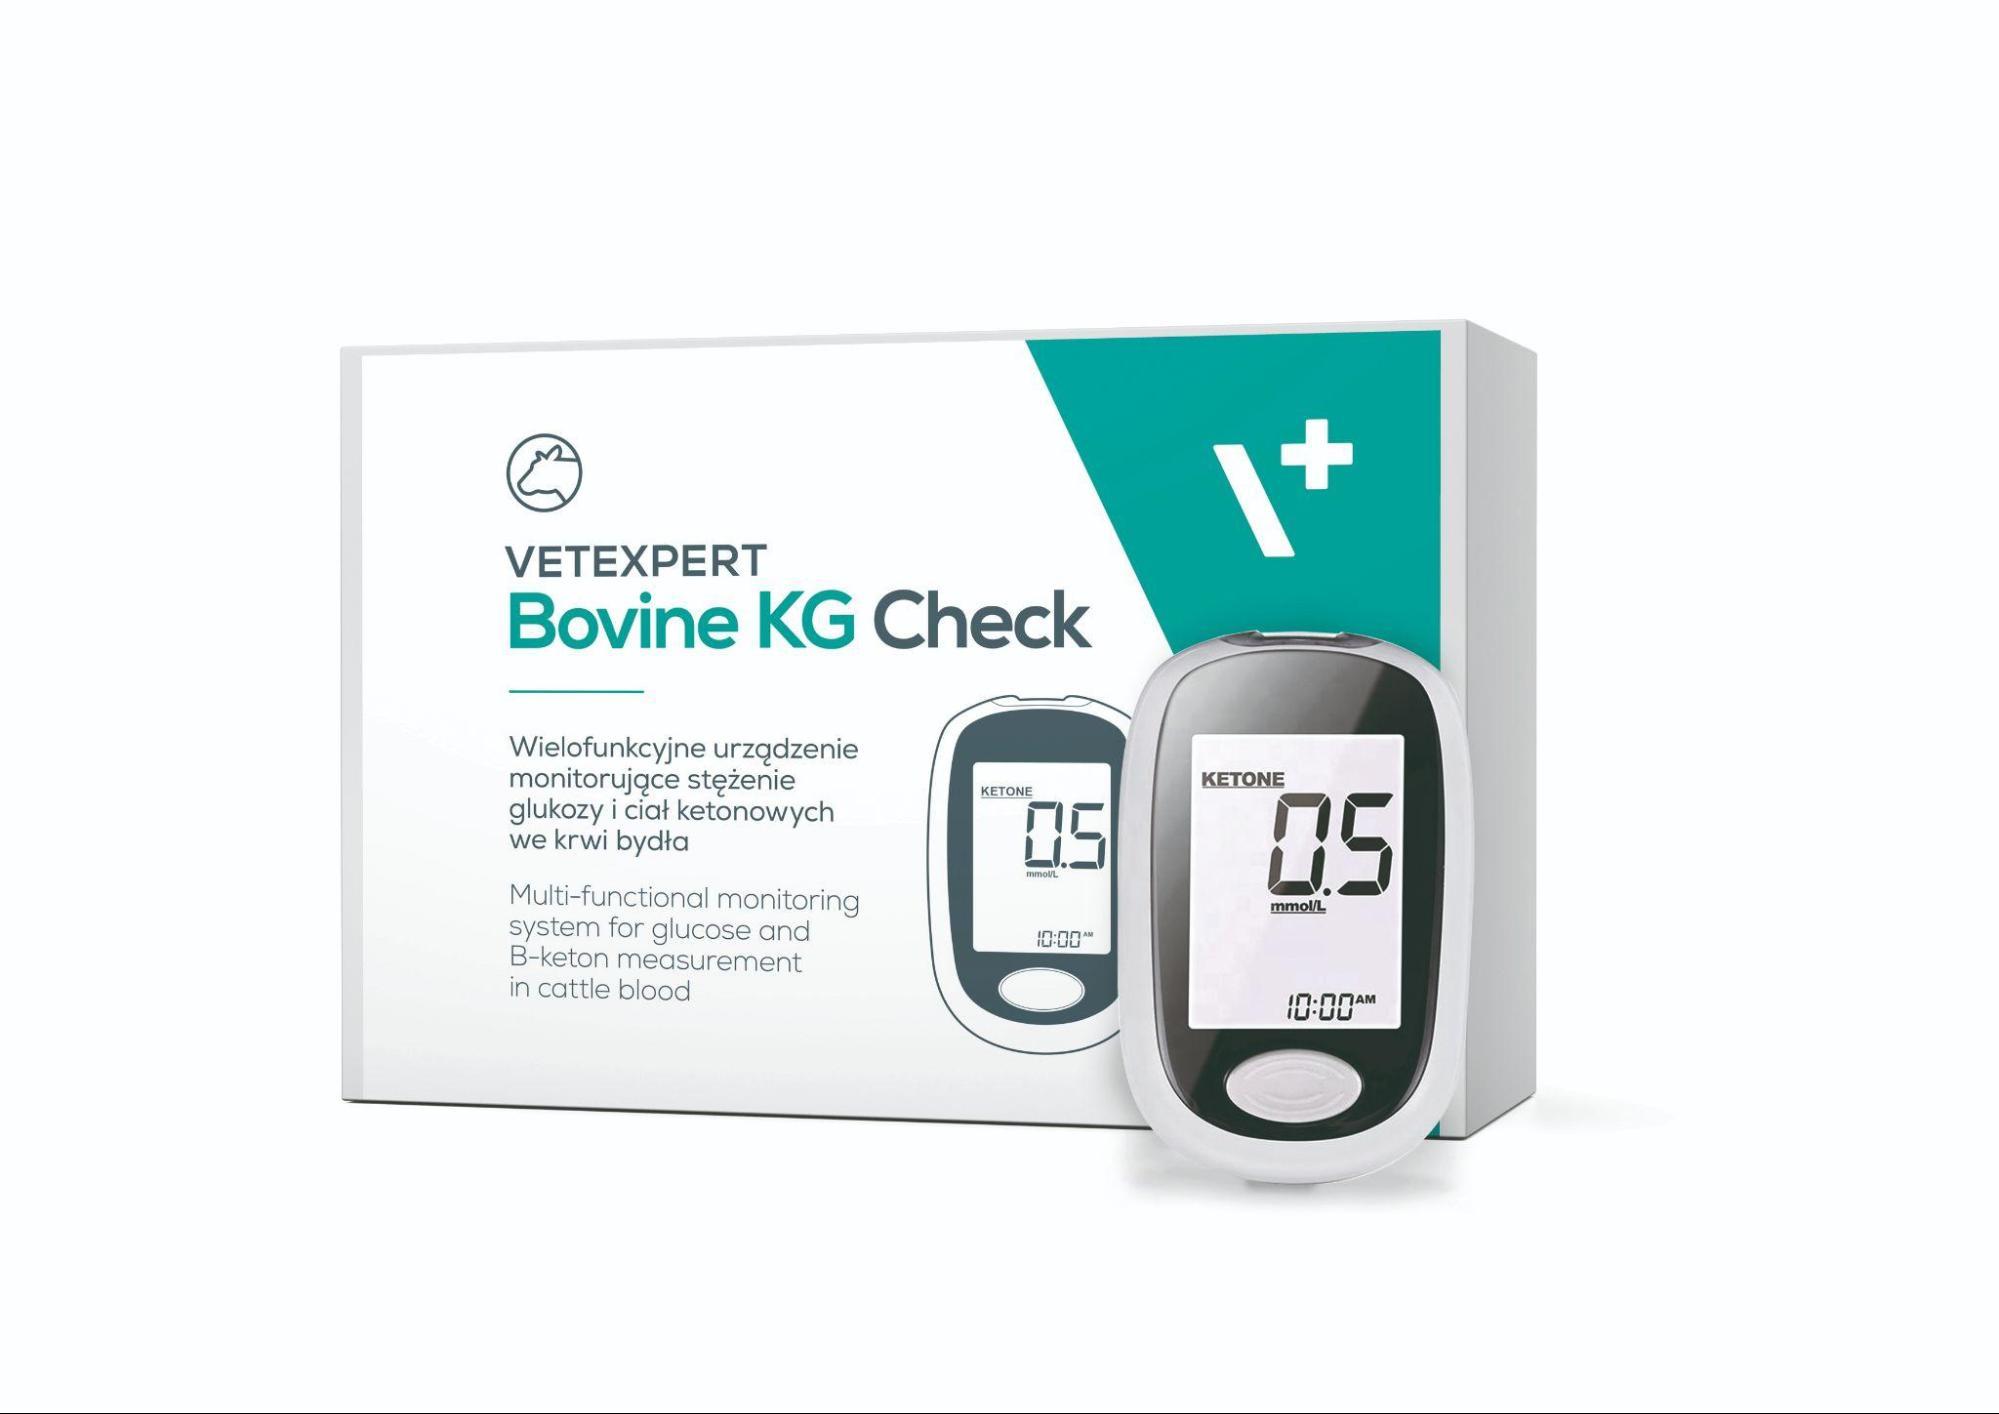 Glukometr Vet Expert KG Check